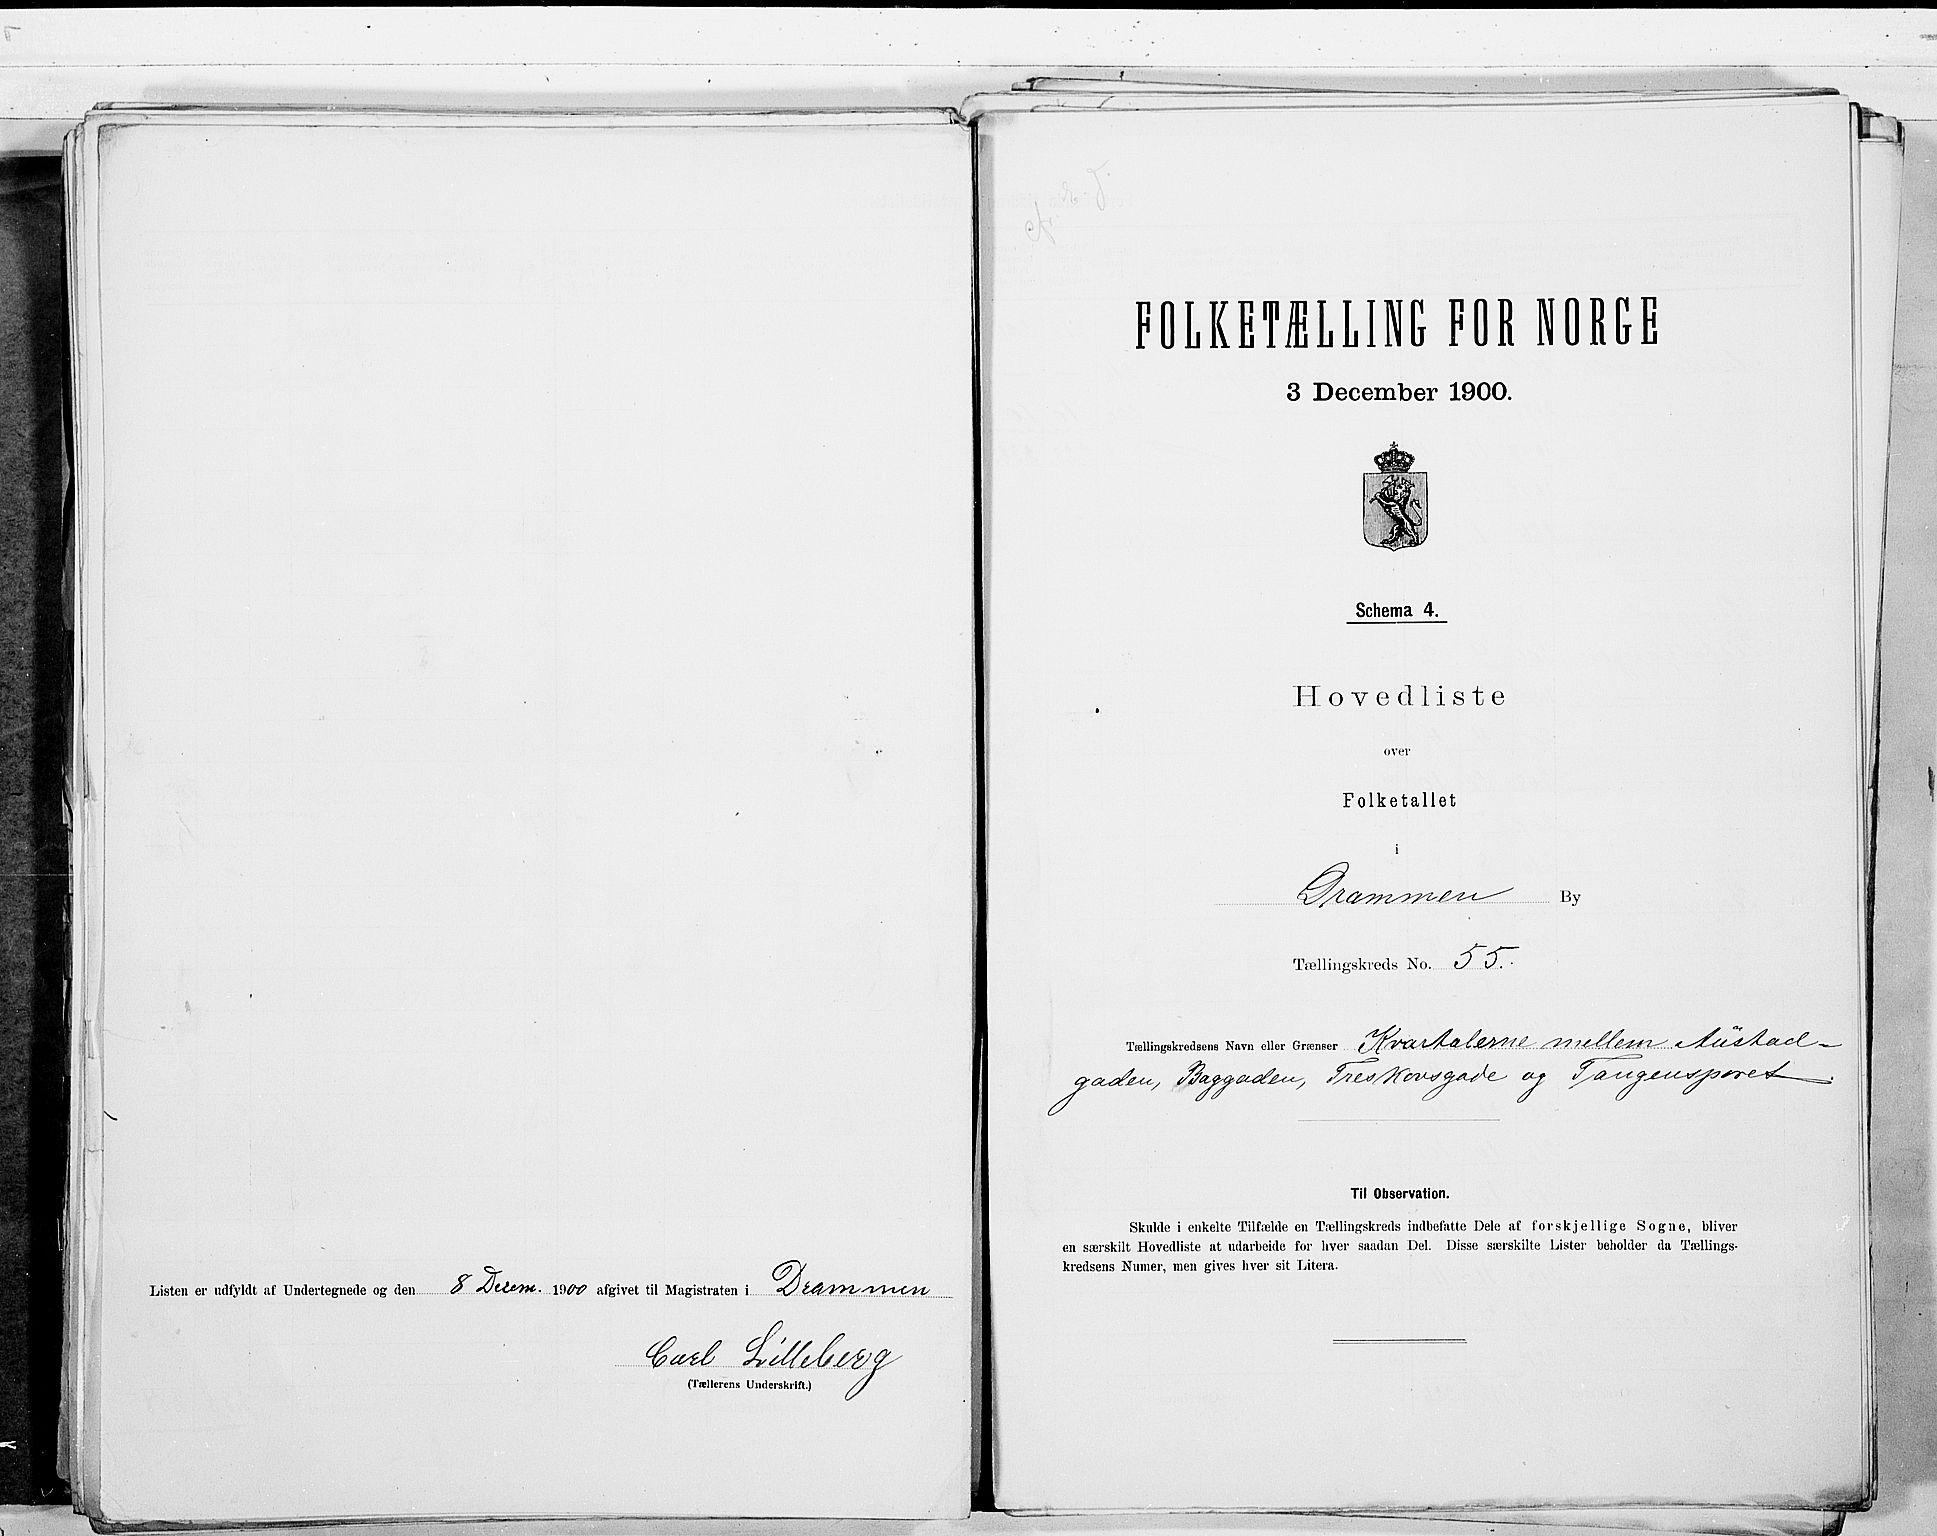 RA, Folketelling 1900 for 0602 Drammen kjøpstad, 1900, s. 115